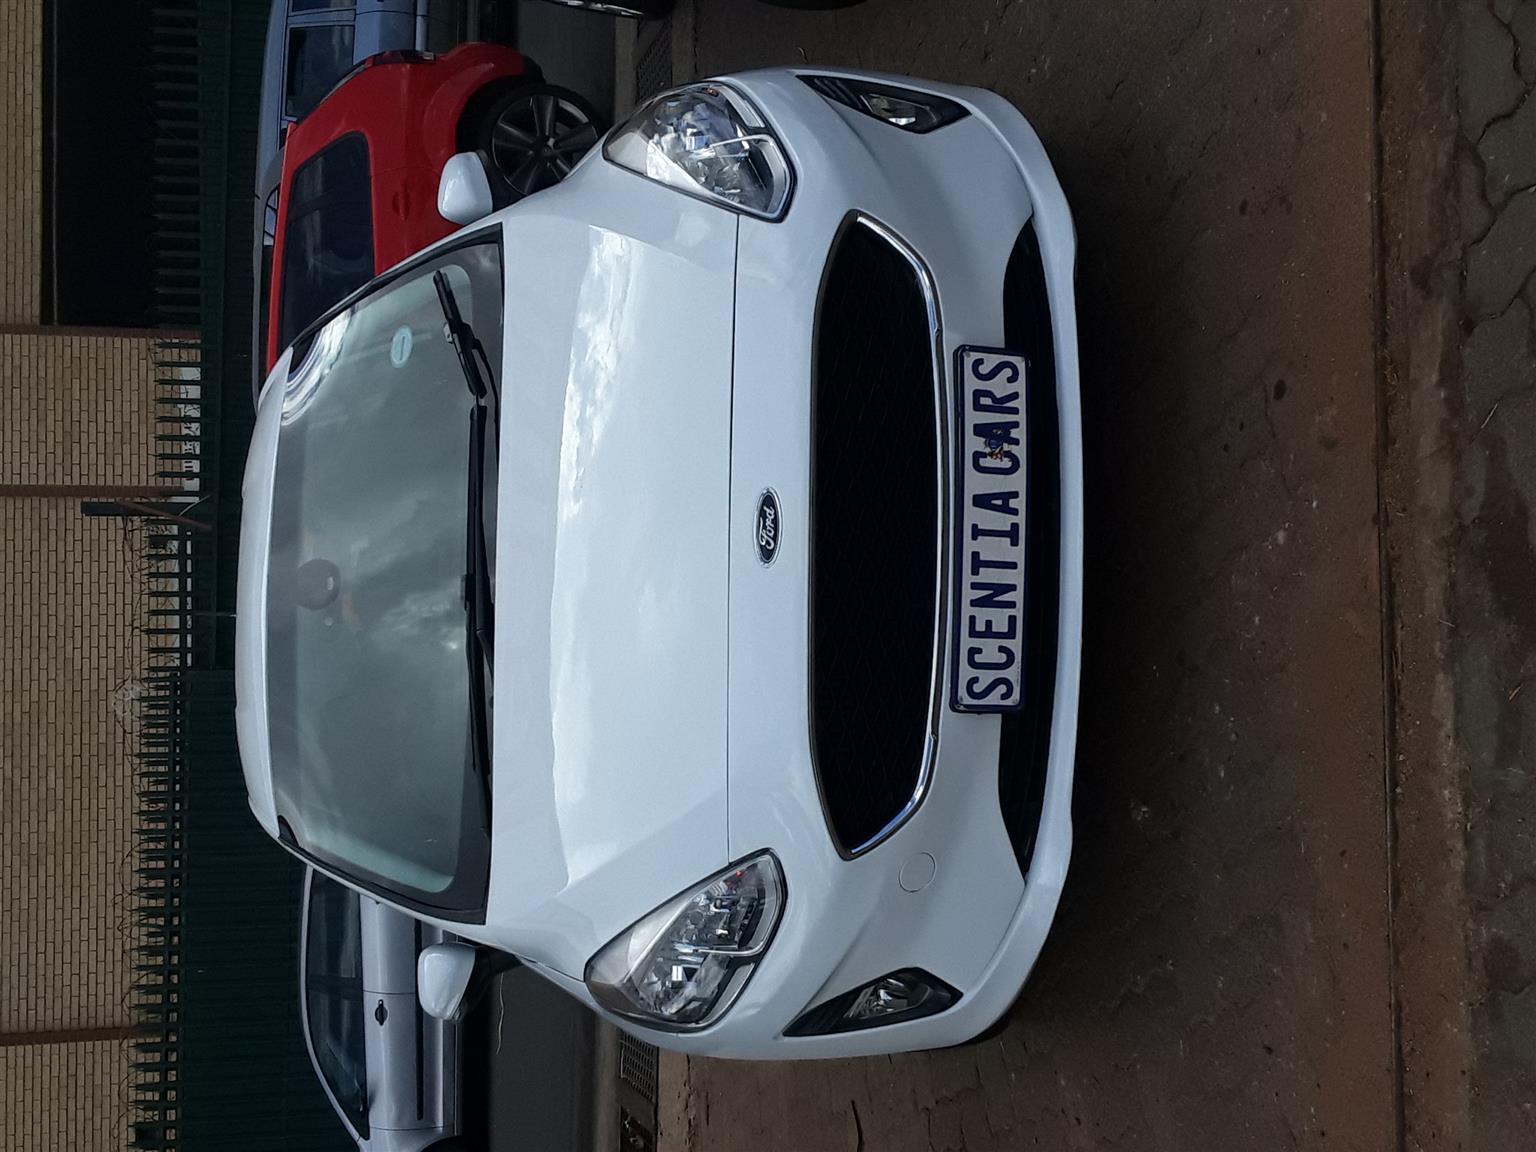 2019 Ford Fiesta 1.4i 5 door